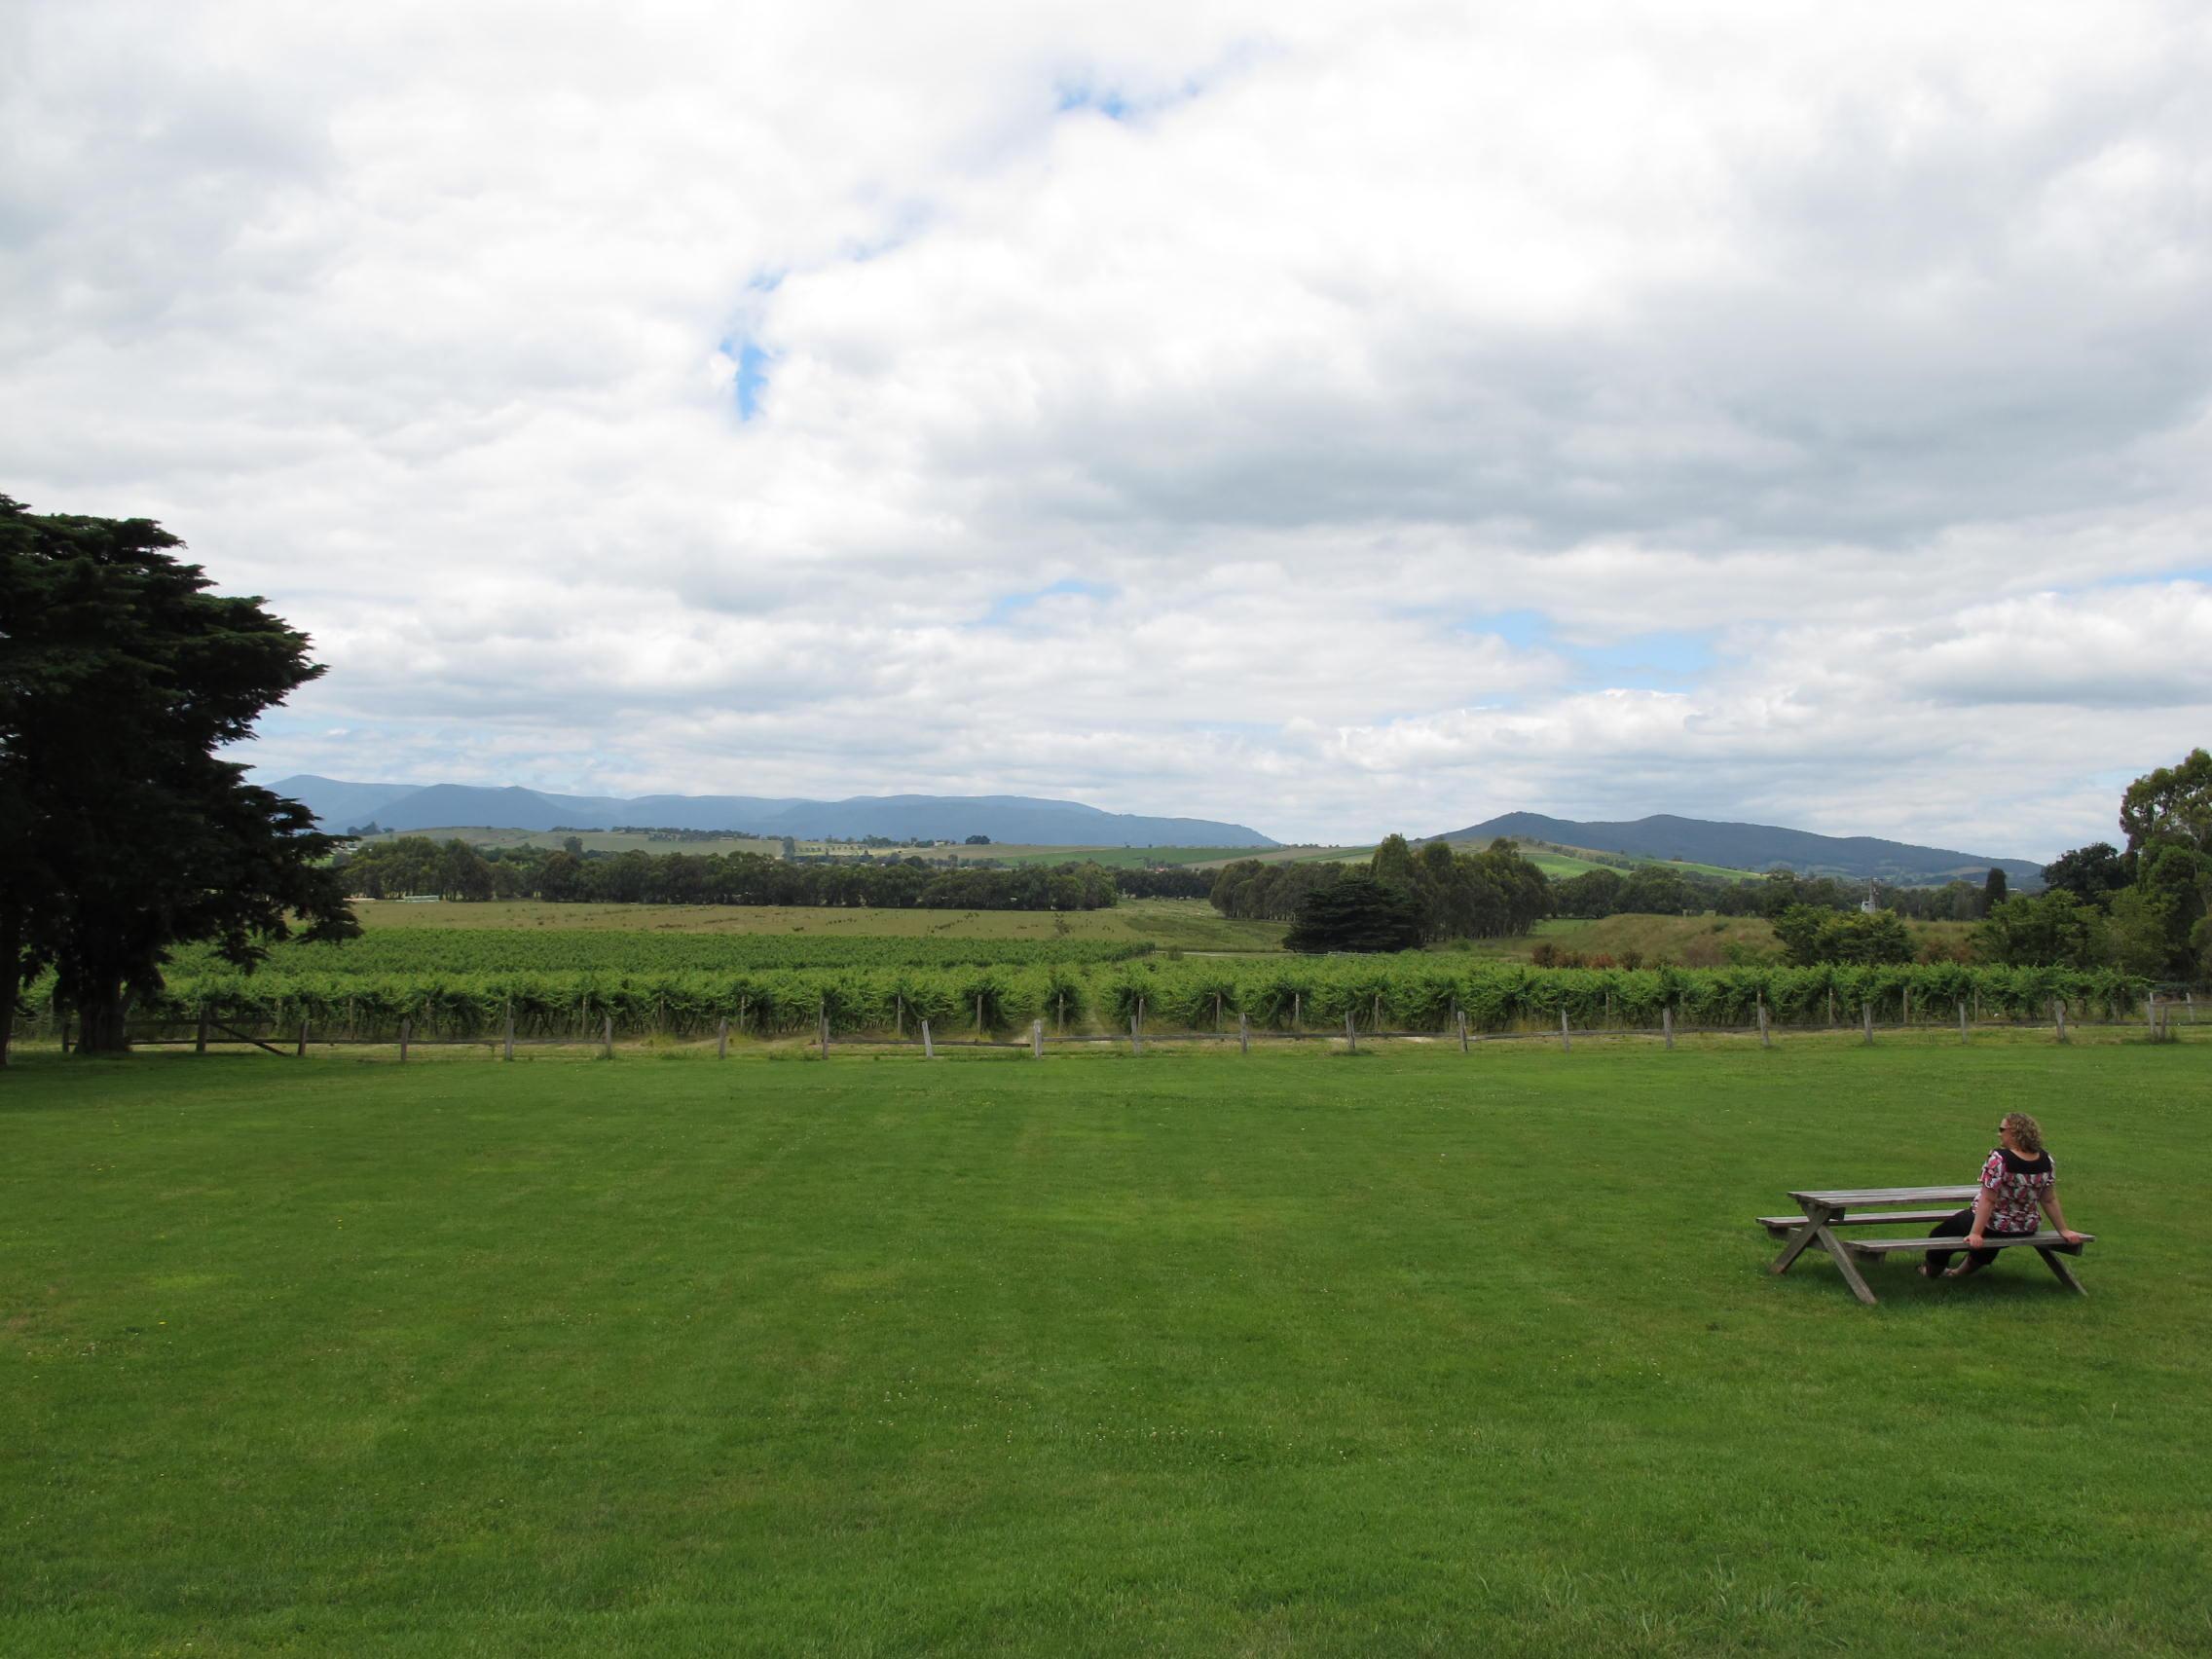 ここから見渡せる景色も一面ブドウ畑です